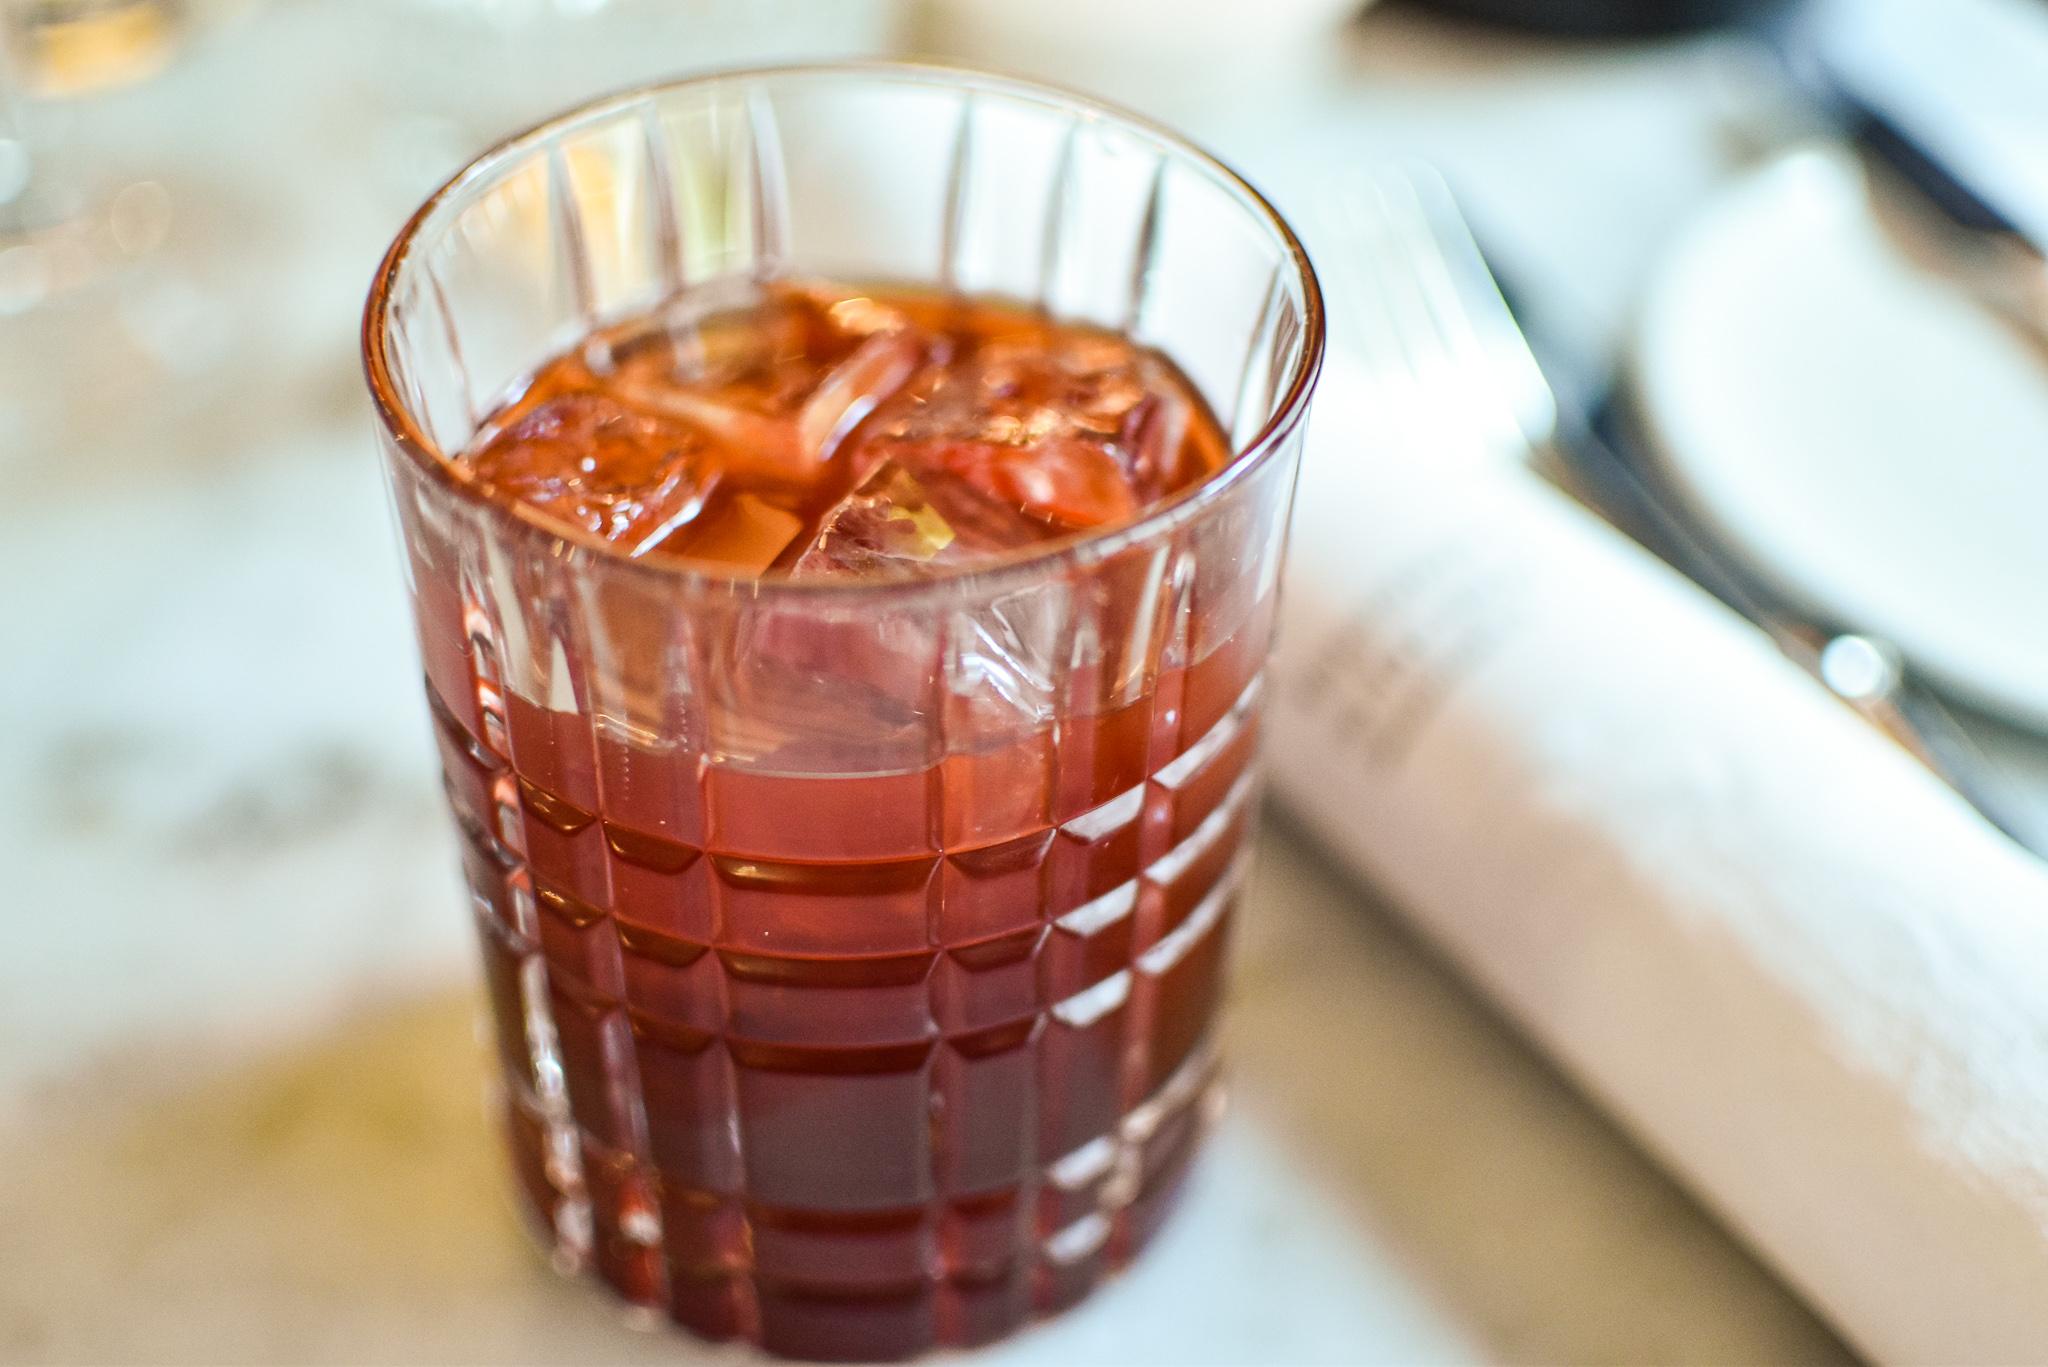 Rode biet - Appel - Elixir d'Anvers - Graanmarkt 13